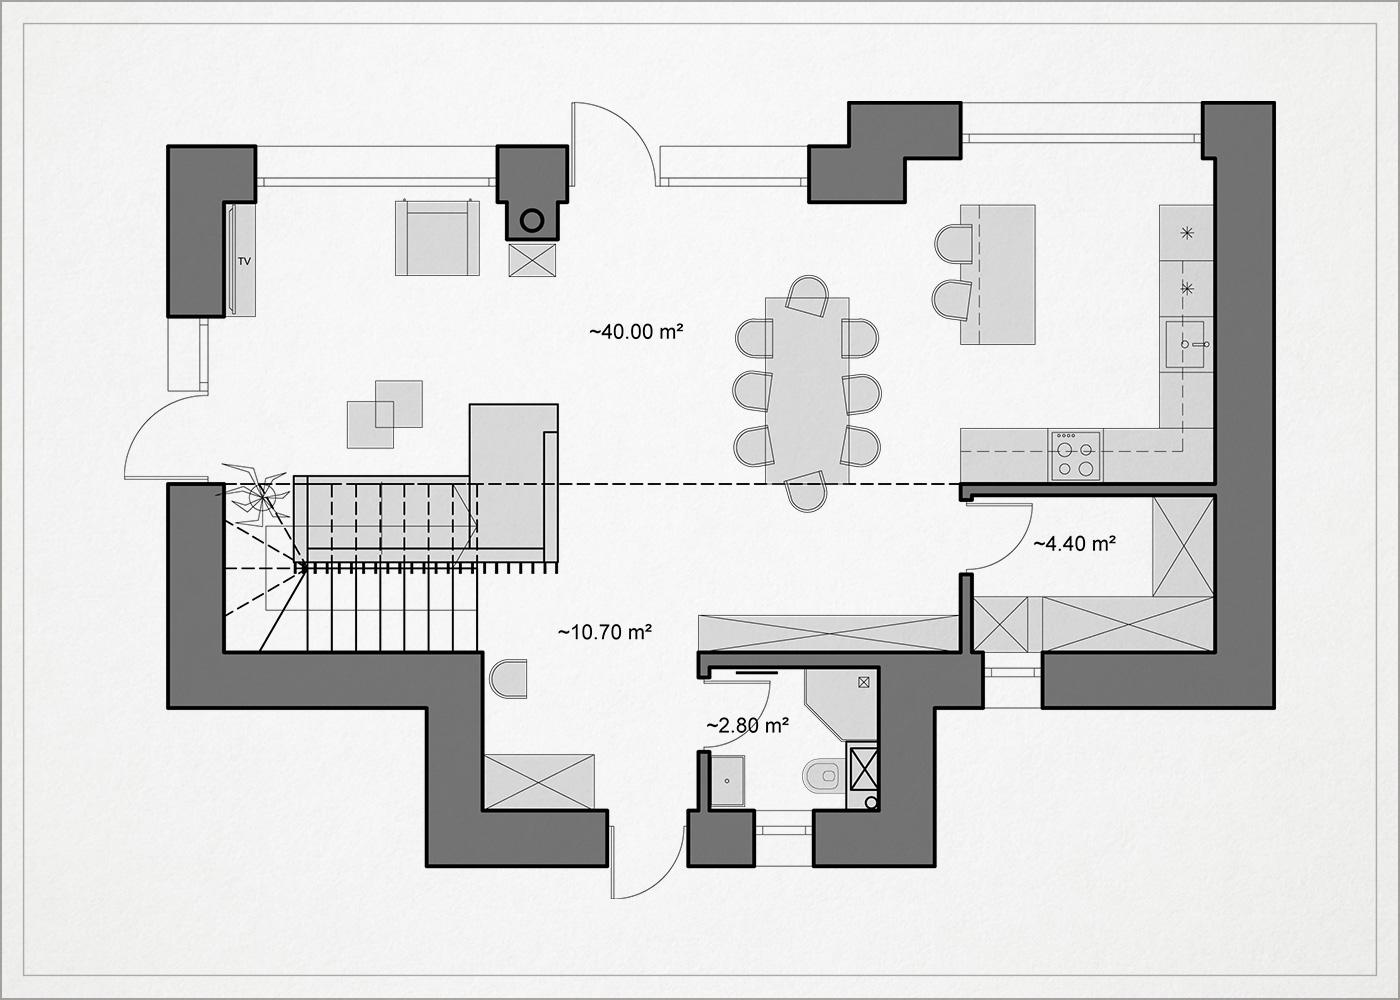 1 auksto architekturinis planas - kotedzas baltupiuose